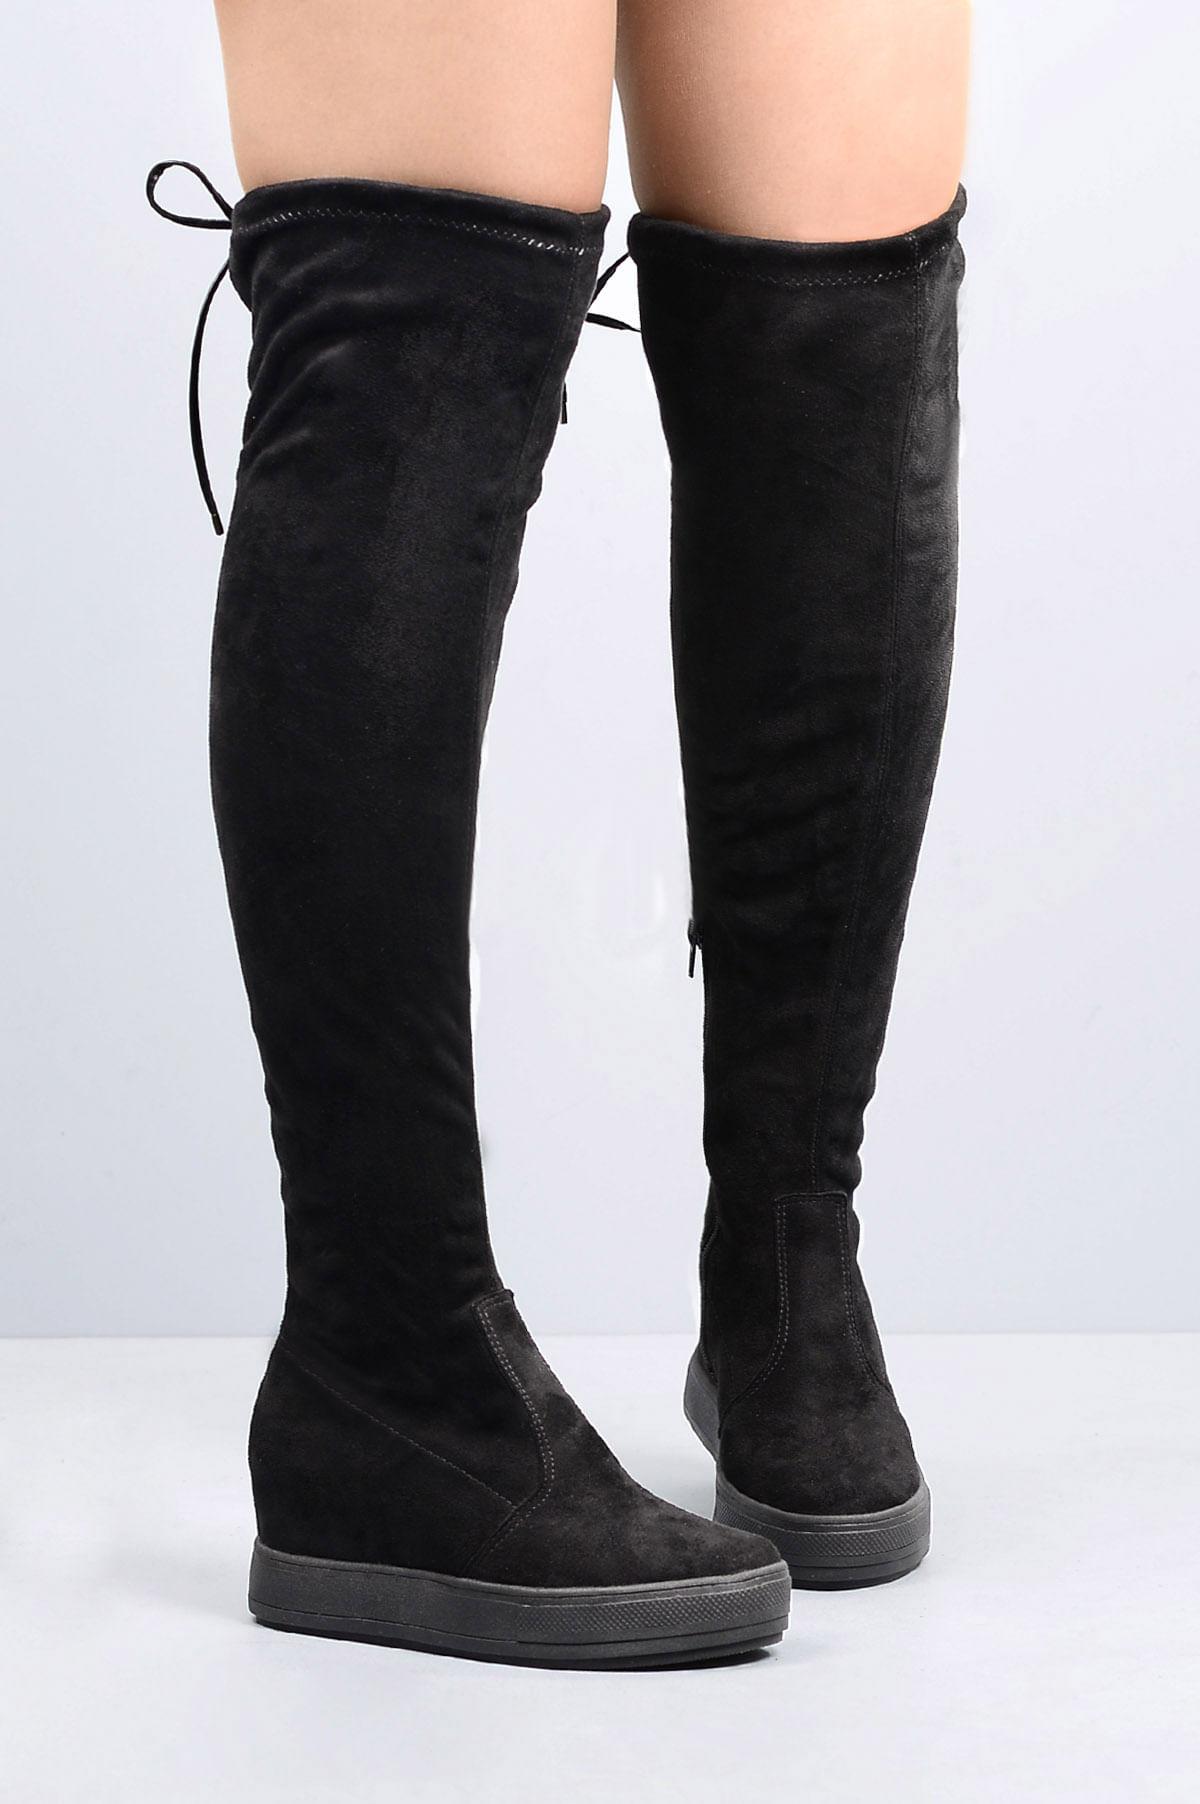 5dcec21ea4 Bota Feminina Cano Alto Abgail Mundial CAM - PRETO - Mundial Calçados